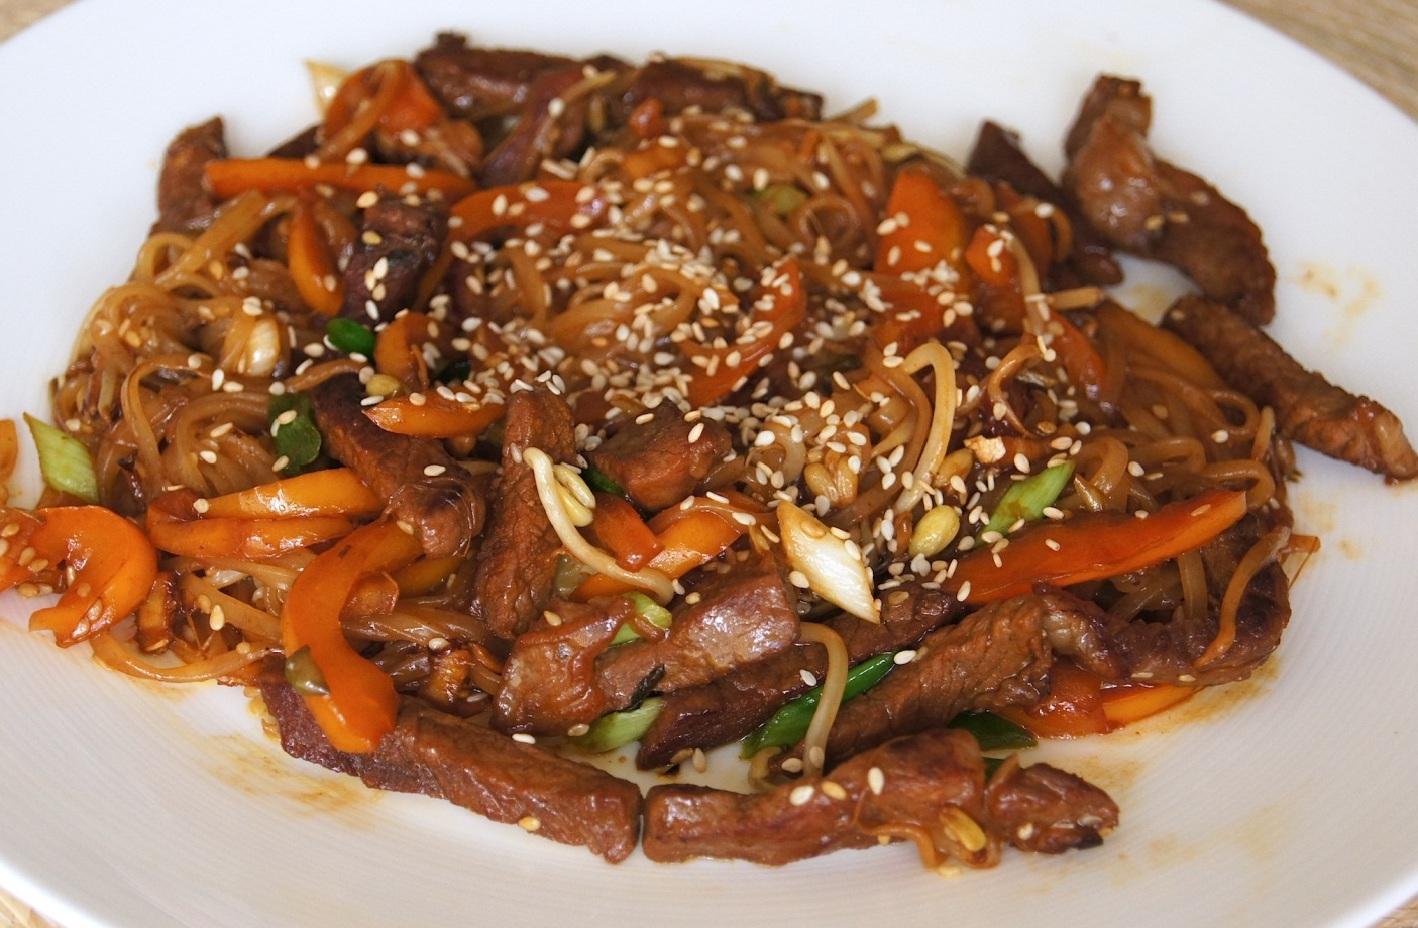 рисовая лапша со свининой фото